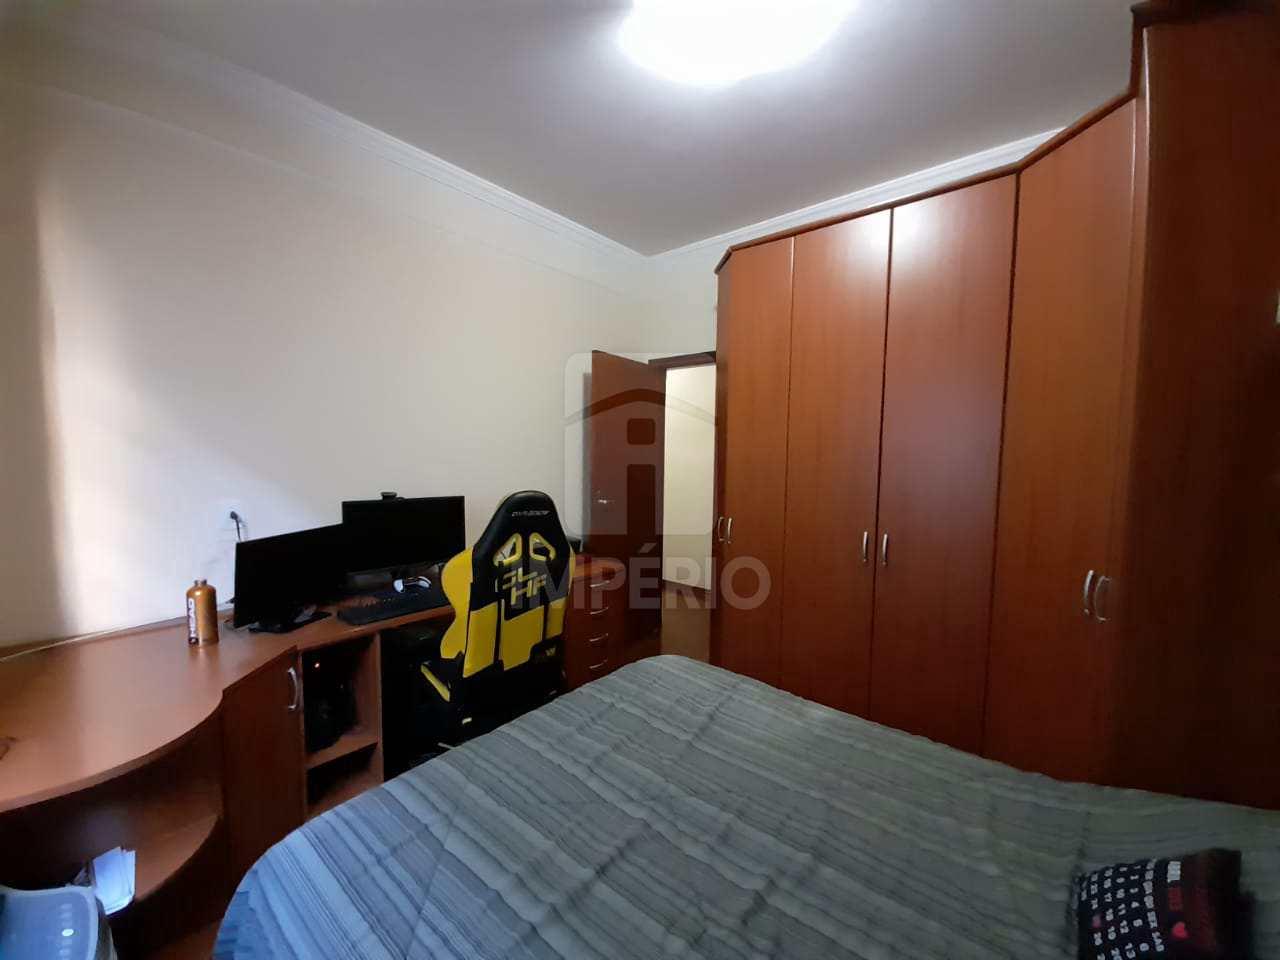 Casa com 3 dorms, Jardim Ferreira Dias, Jaú - R$ 650 mil, Cod: 541